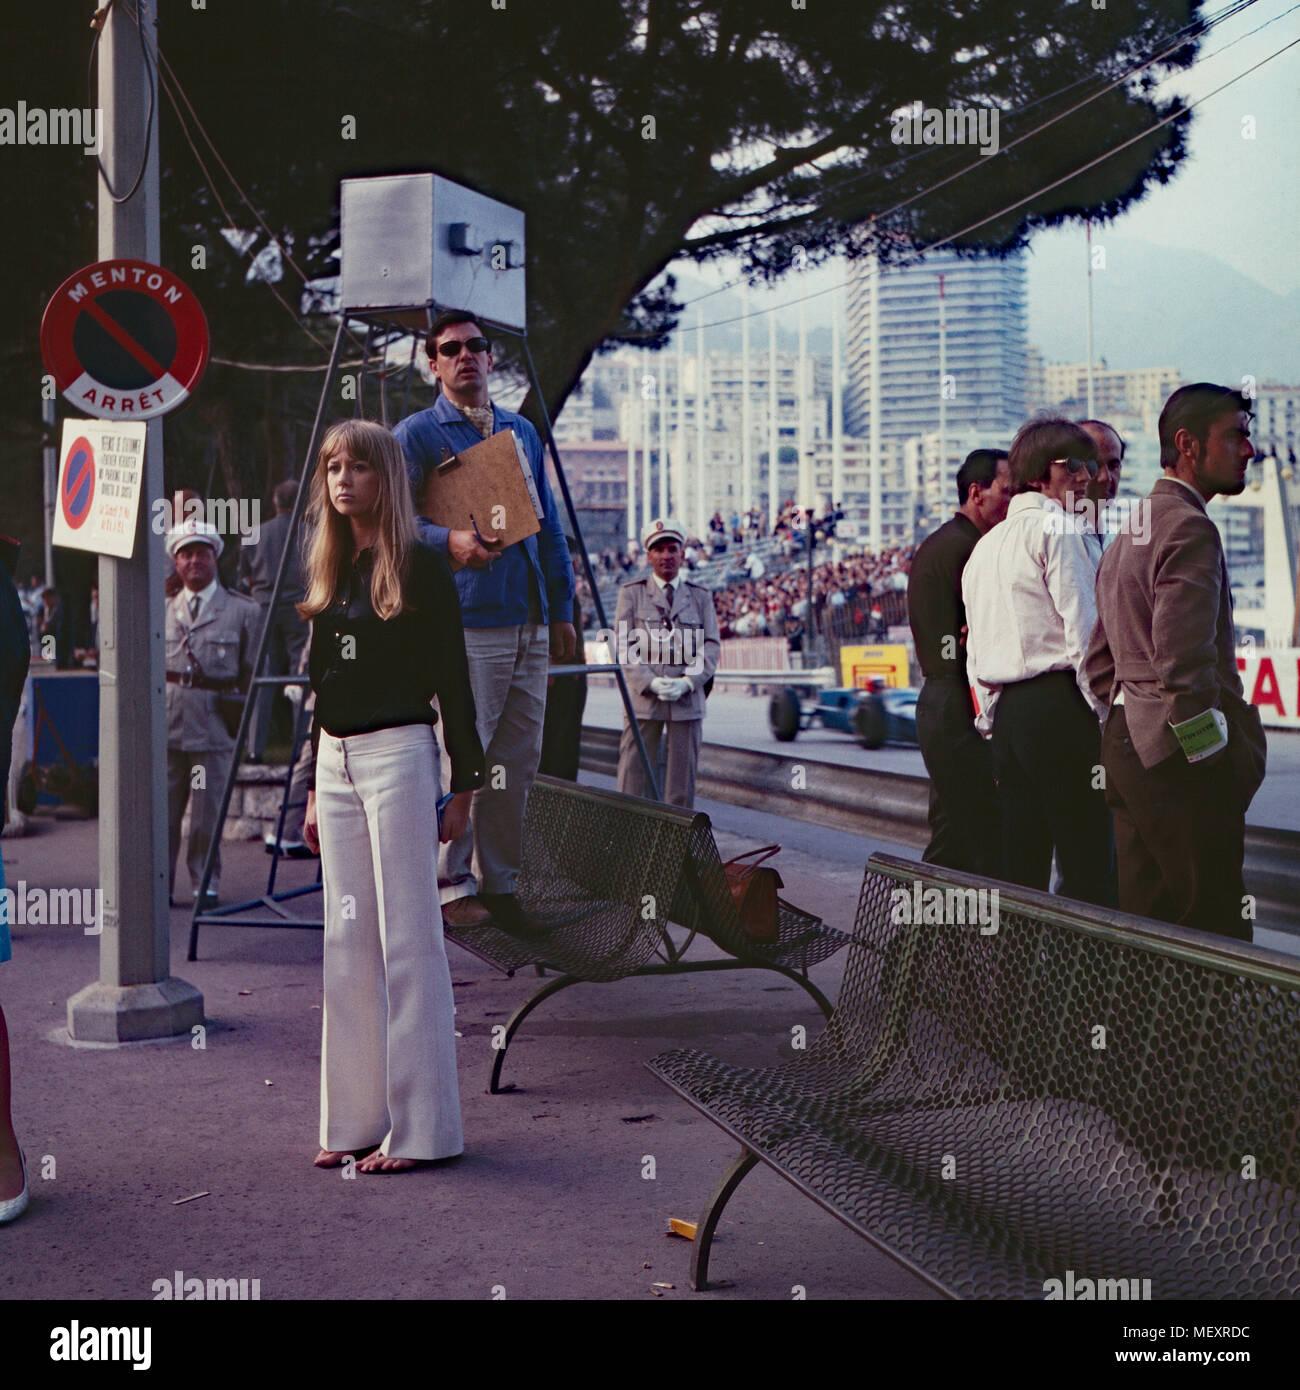 Beatle George Harrison (weißes Hemd) mit Patricia Anne Pattie Boyd zu Besuch in Monte Carlo, Monaco 1966. Beatle George Harrison (white shirt) and Patricia Anne Pattie Boyd visiting Monte Carlo, Monaco 1966. - Stock Image